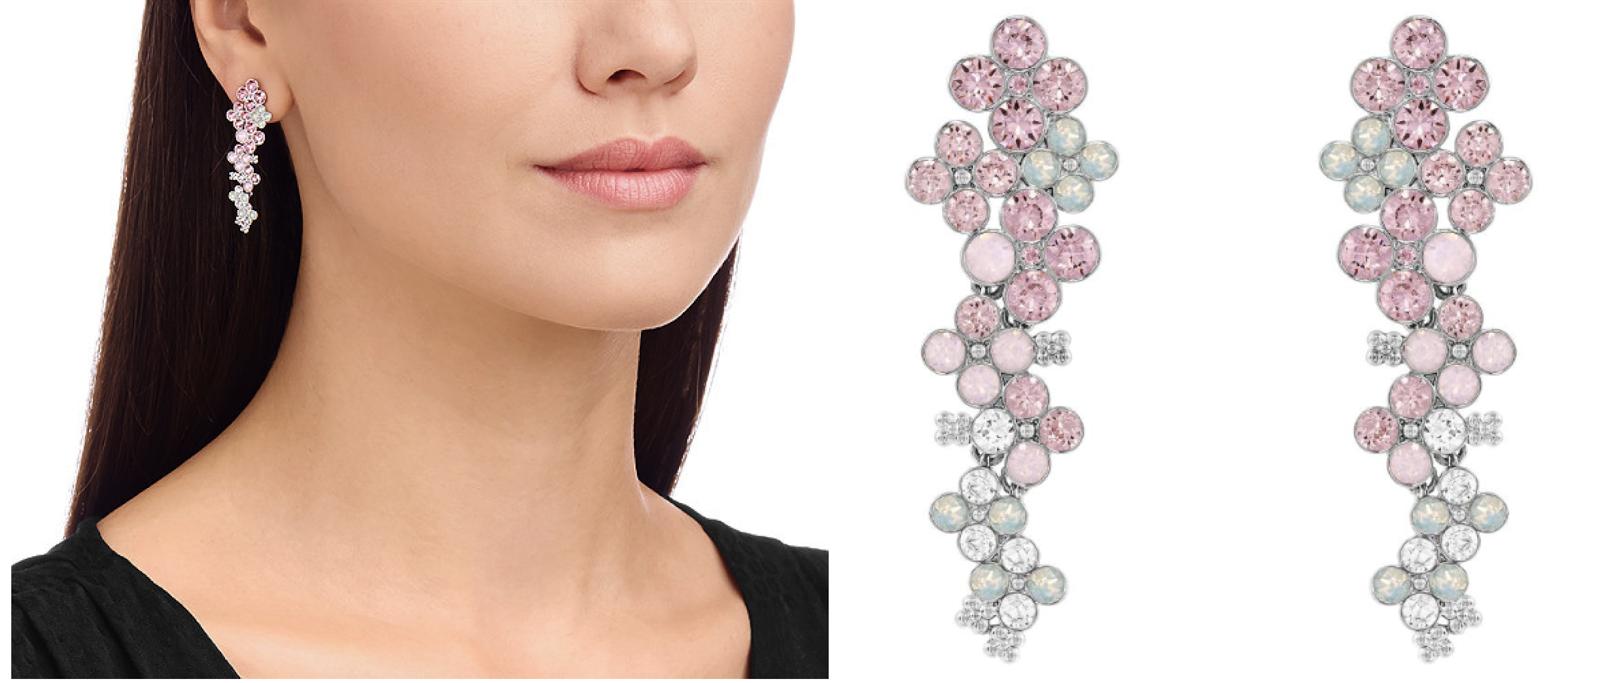 swarovski orecchini collezione 2015 swarovski pendenti